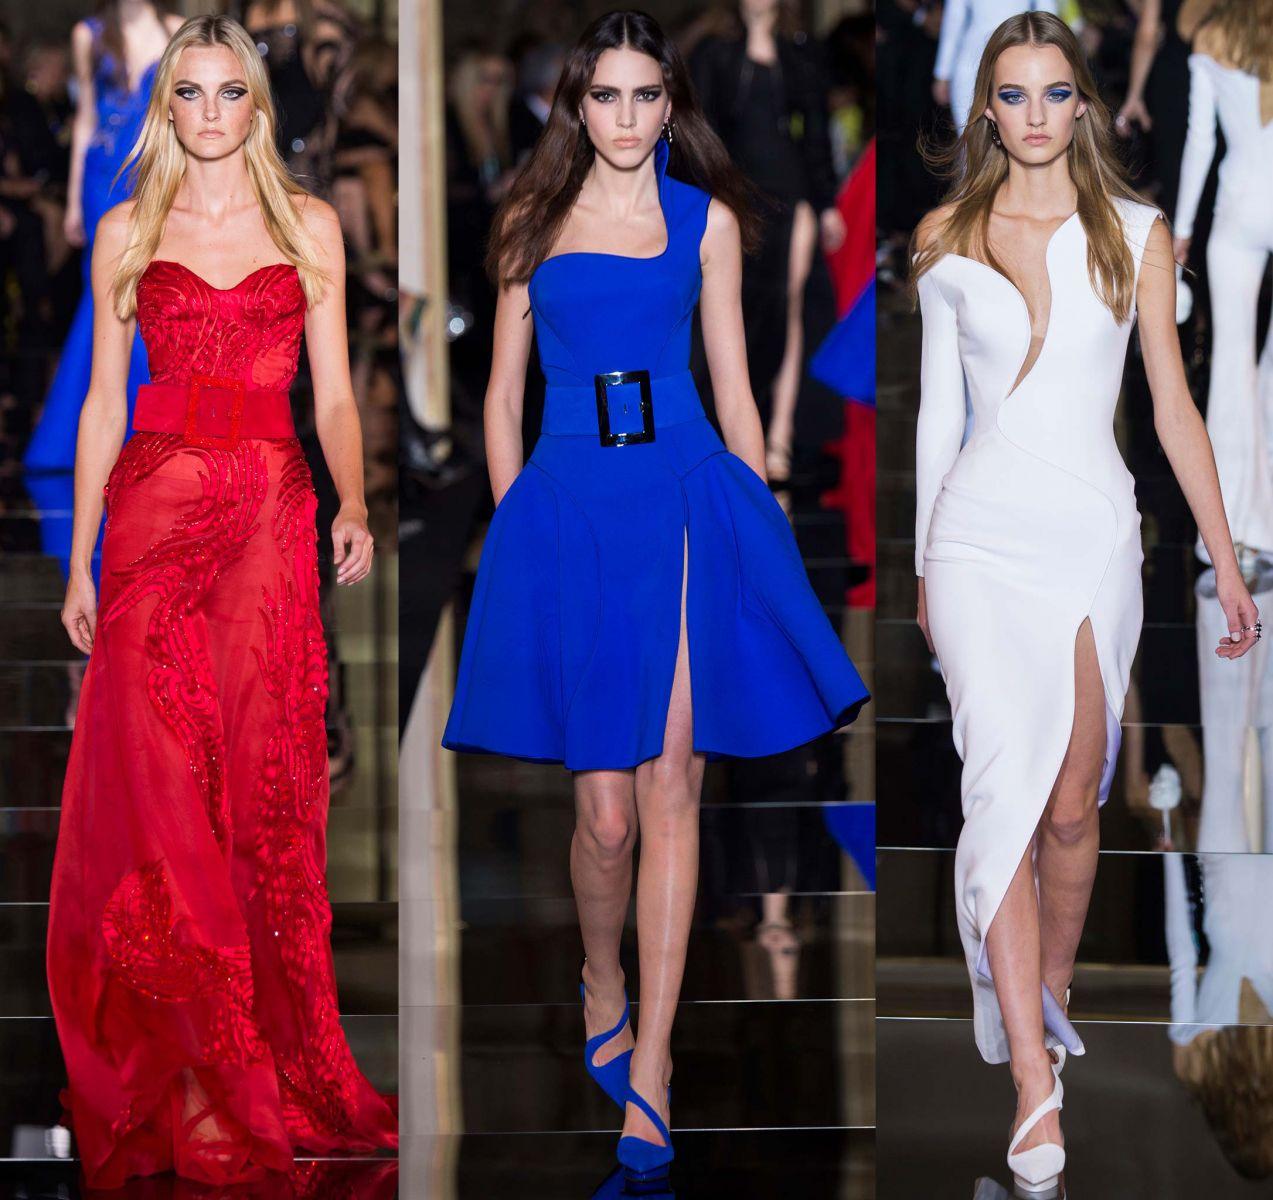 Неделя высокой моды в Париже: коллекция Atelier Versace, весна 2015 - фото №1